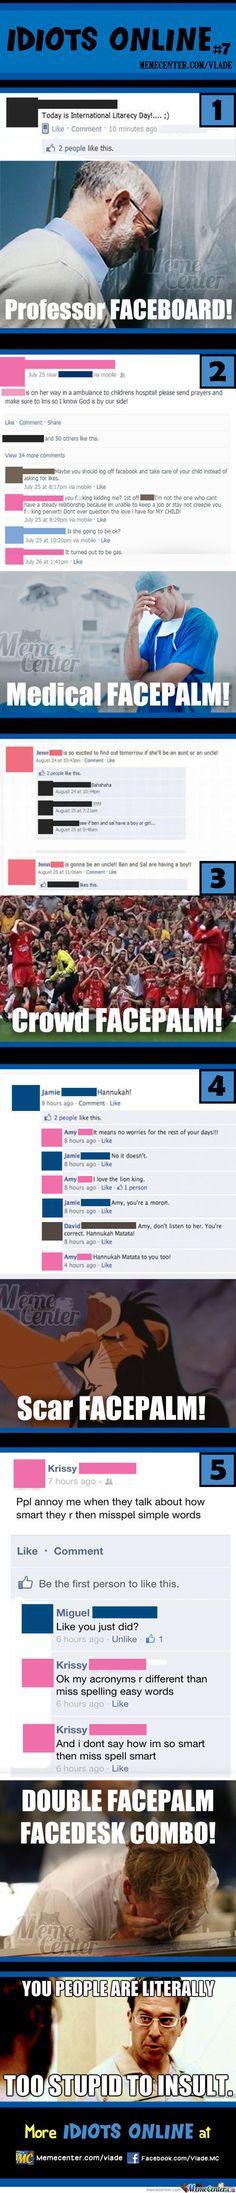 Idiots Online #7